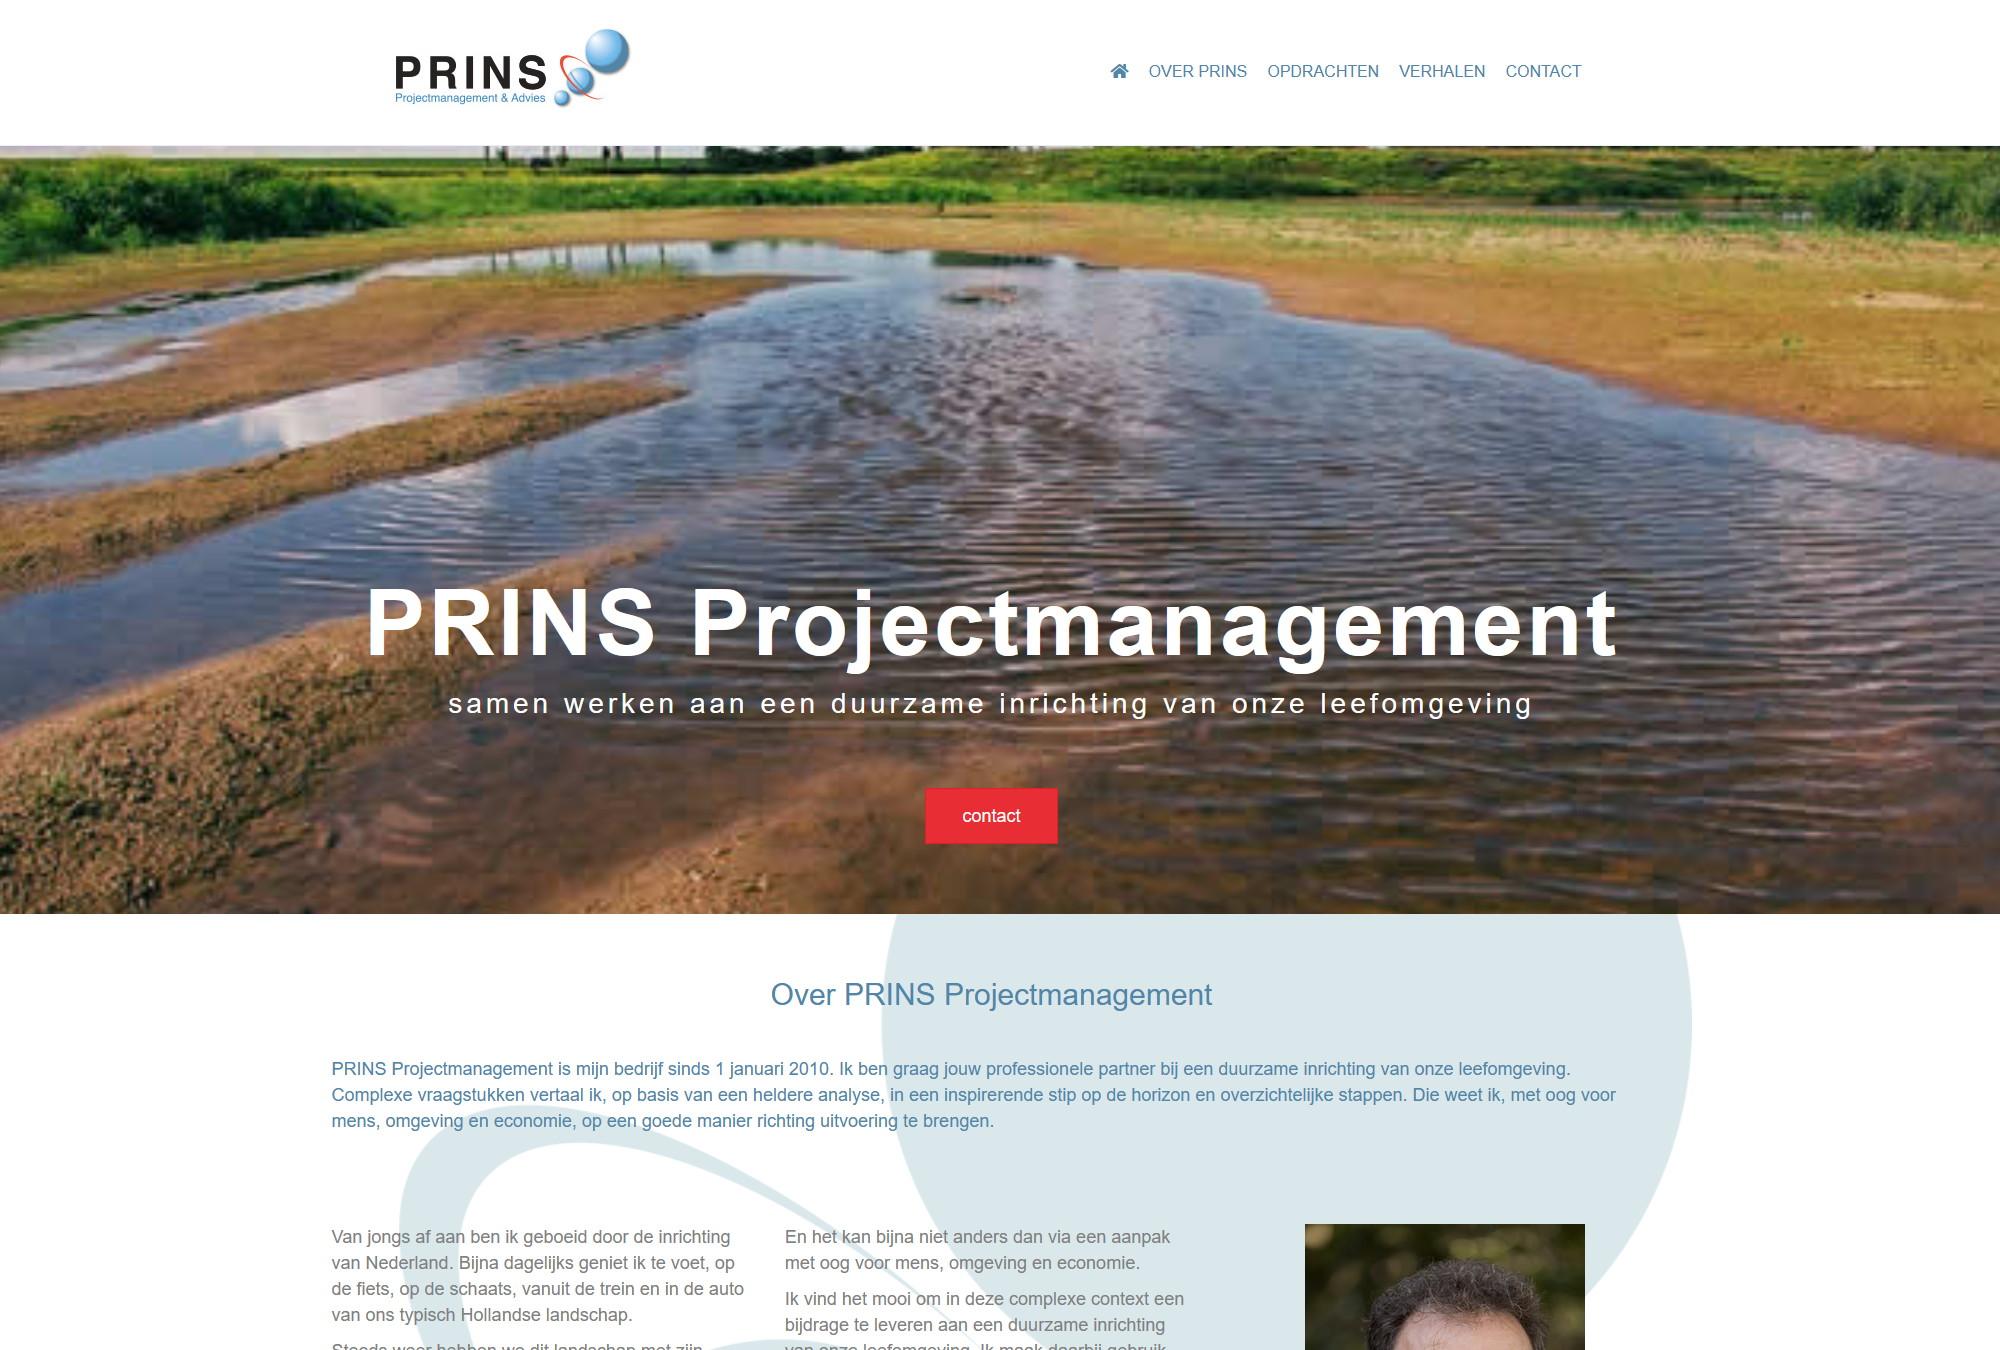 Prins Projectmanagement